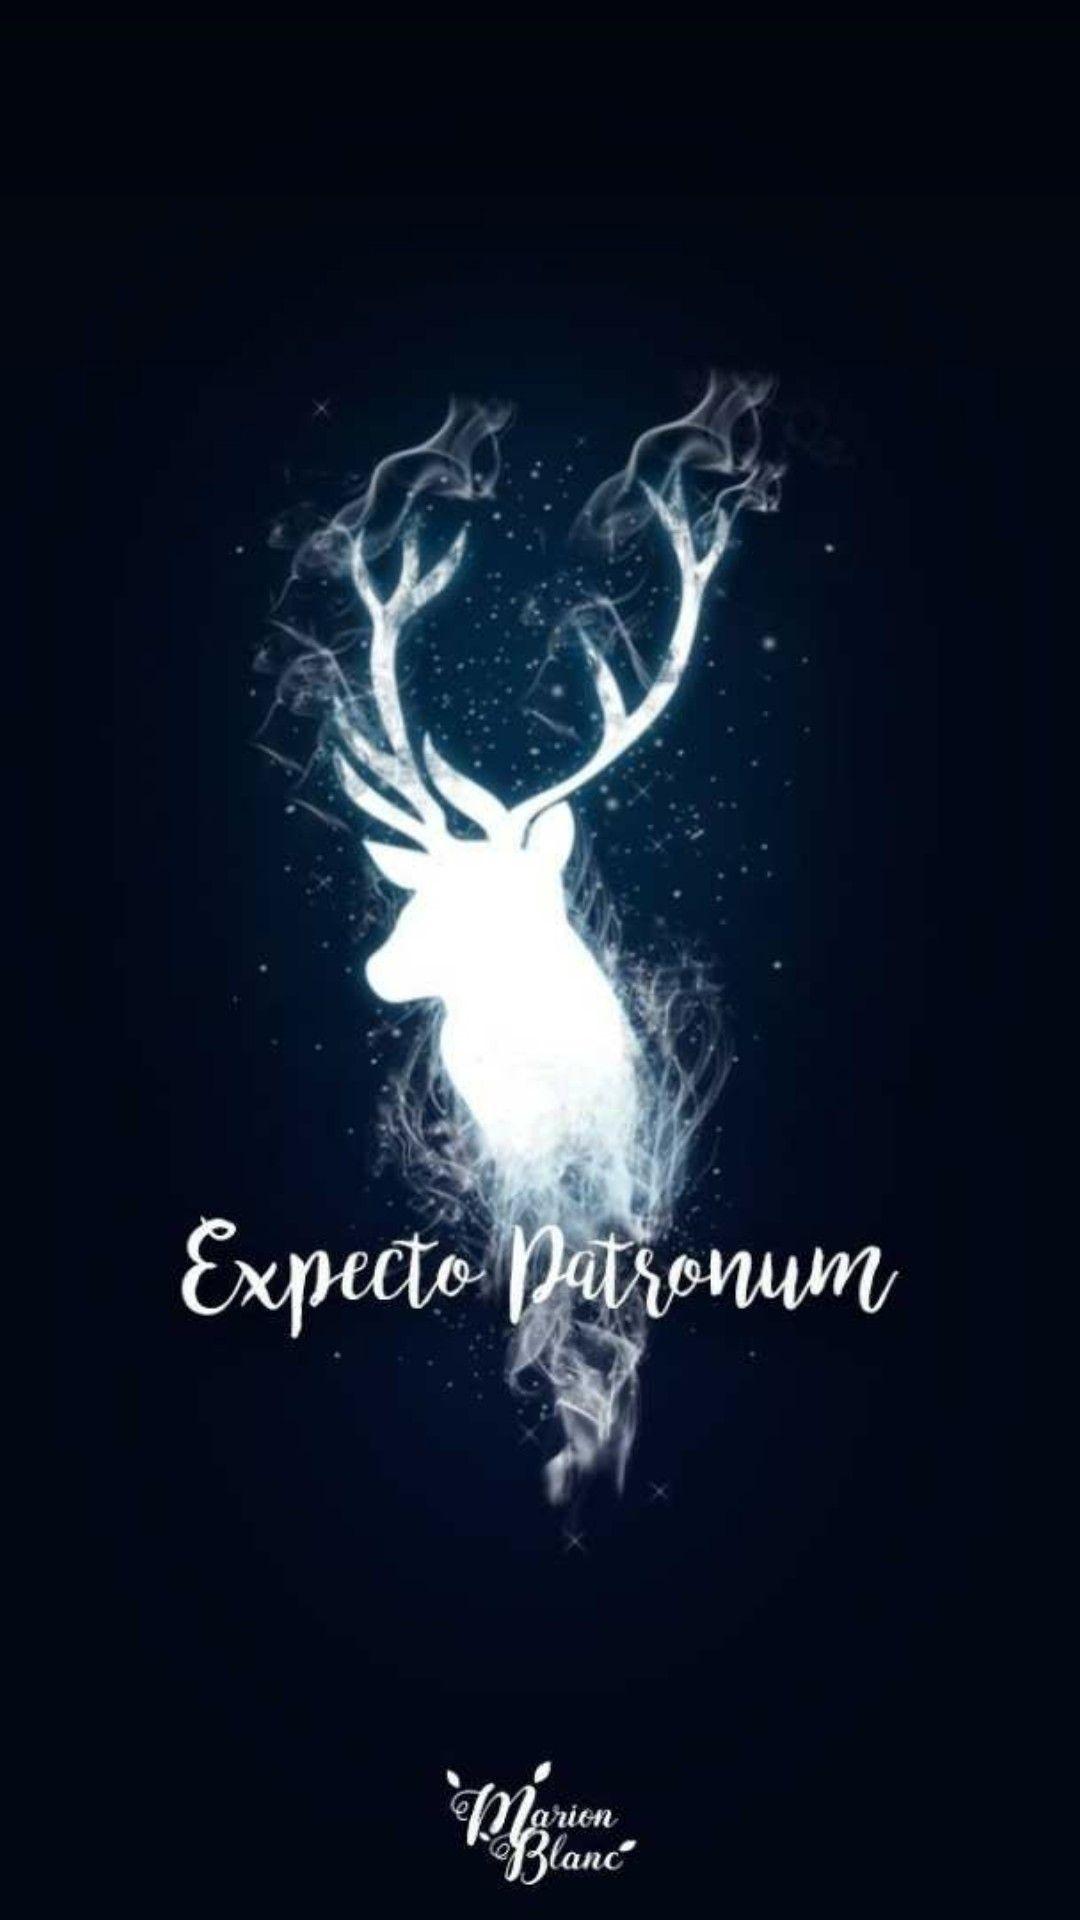 Fantastic Wallpaper Harry Potter Laptop - e37bec35209d0c38a8e0fa57c6efcbb2  You Should Have_889089.jpg